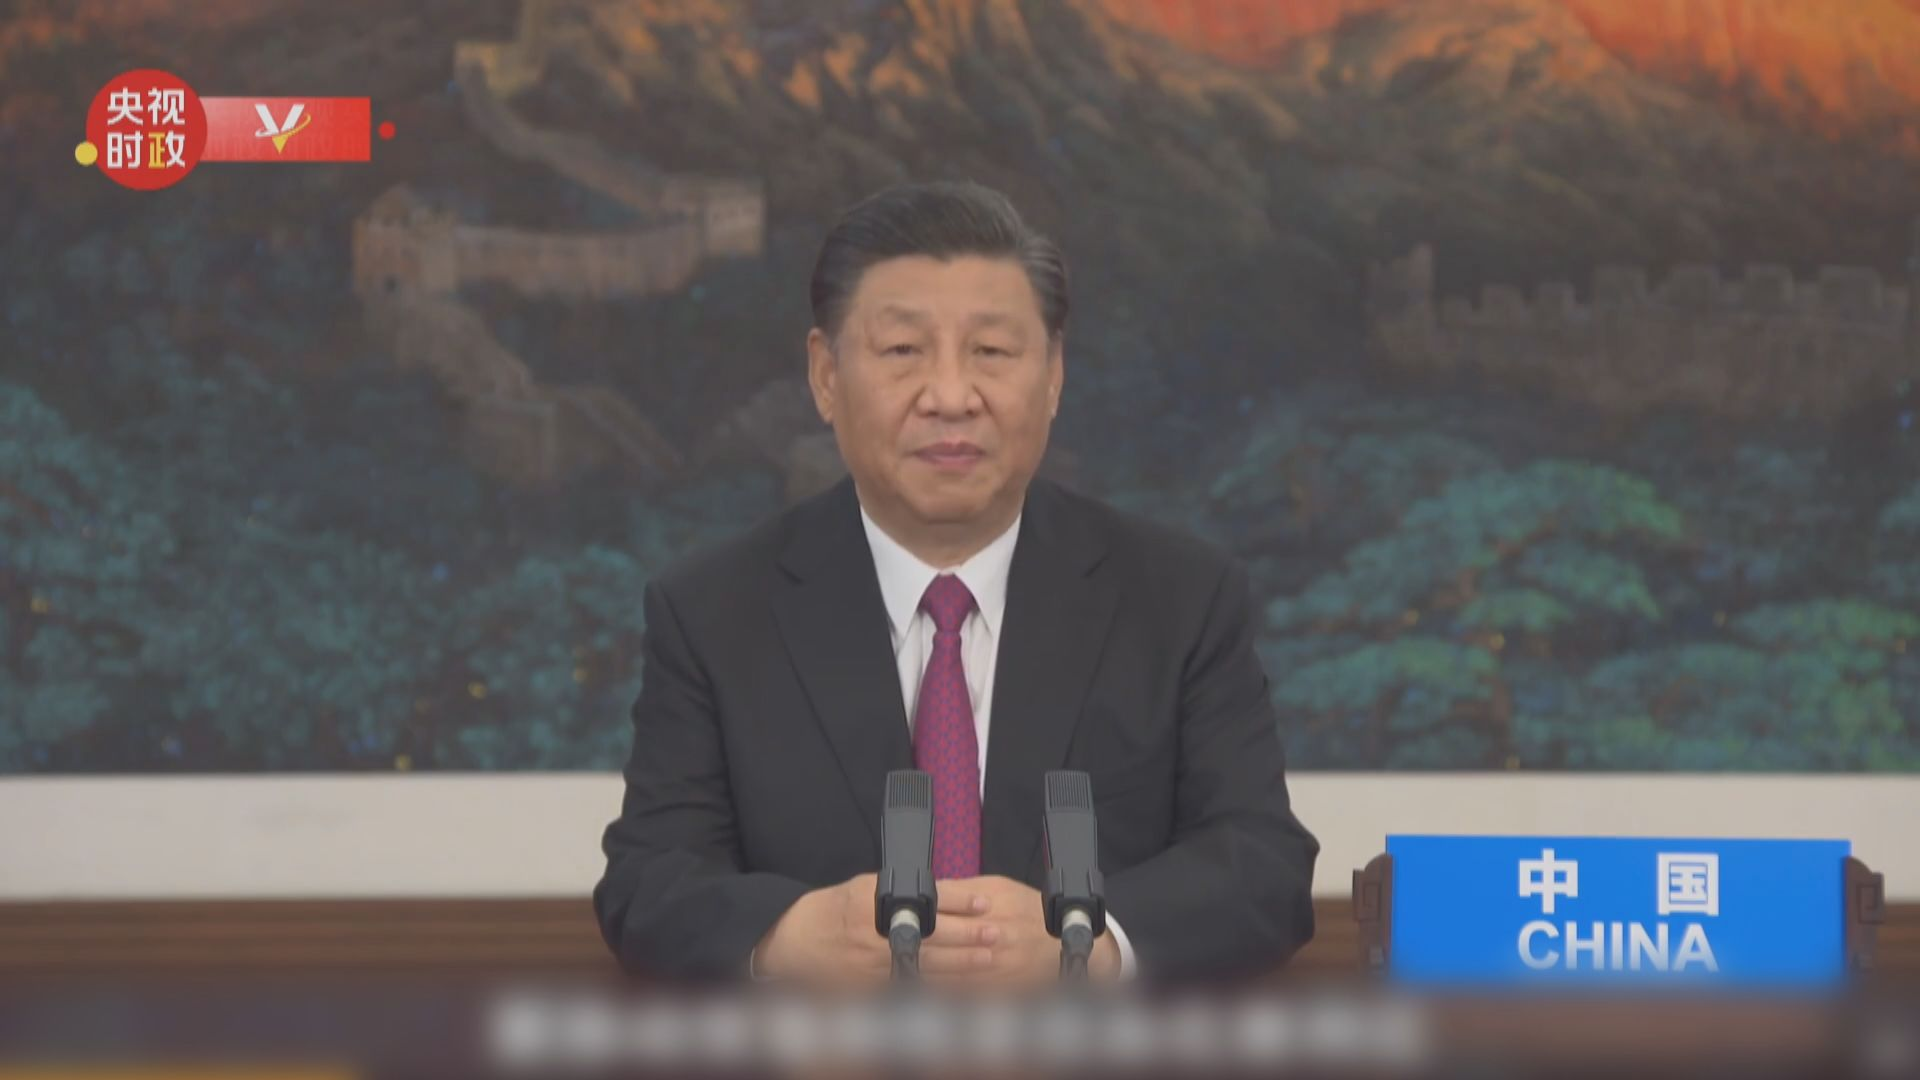 習近平出席APEC會議 指要早日建成高水平亞太自由貿易區